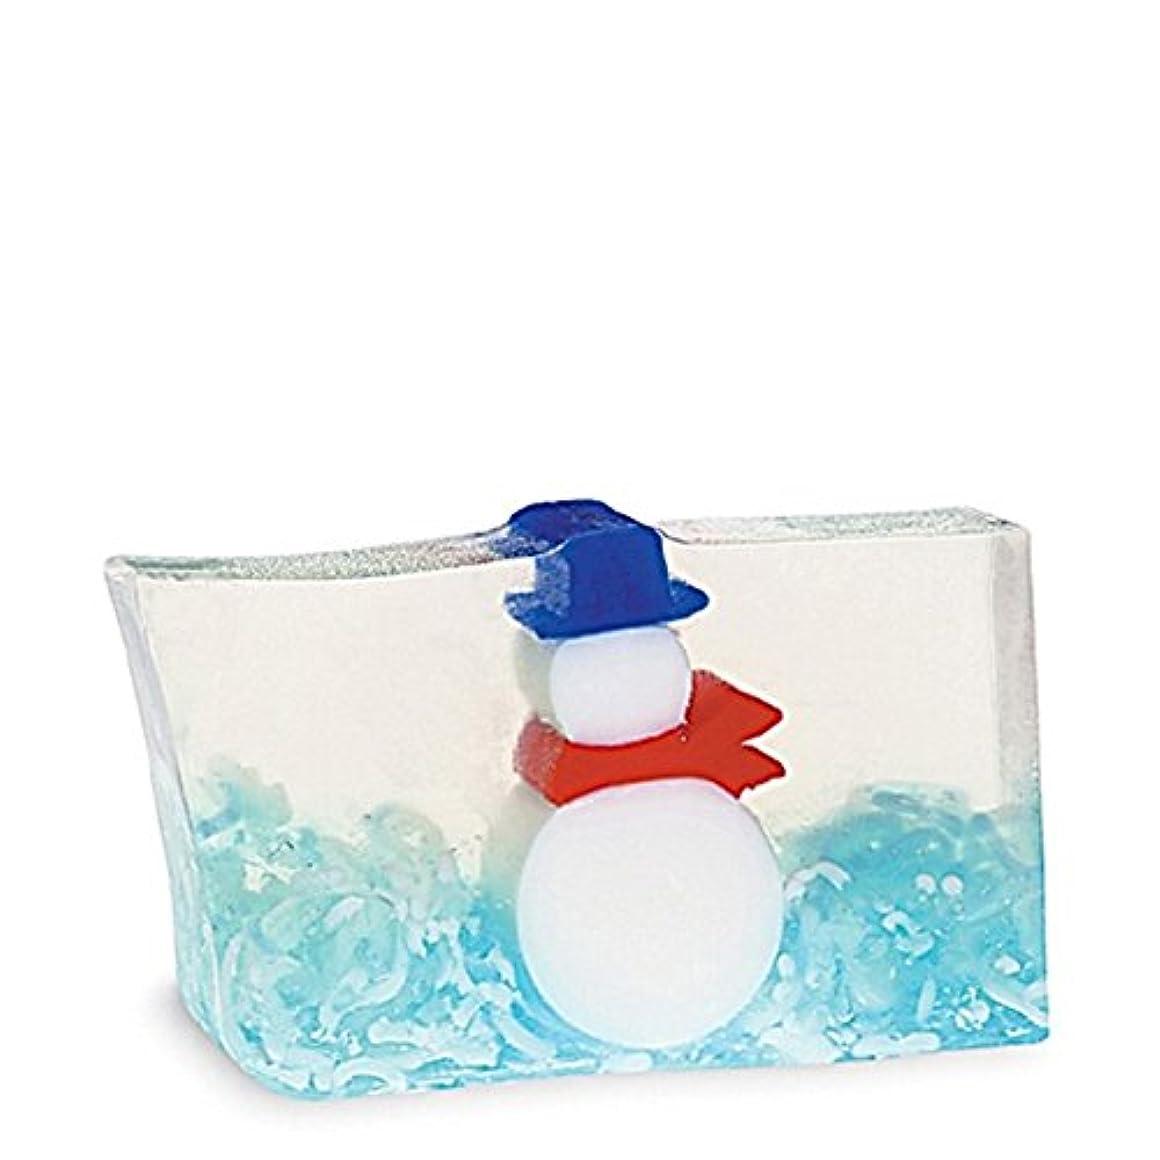 牧師変換する前件原初の要素雪だるま石鹸170グラム x2 - Primal Elements Snowman Soap 170g (Pack of 2) [並行輸入品]